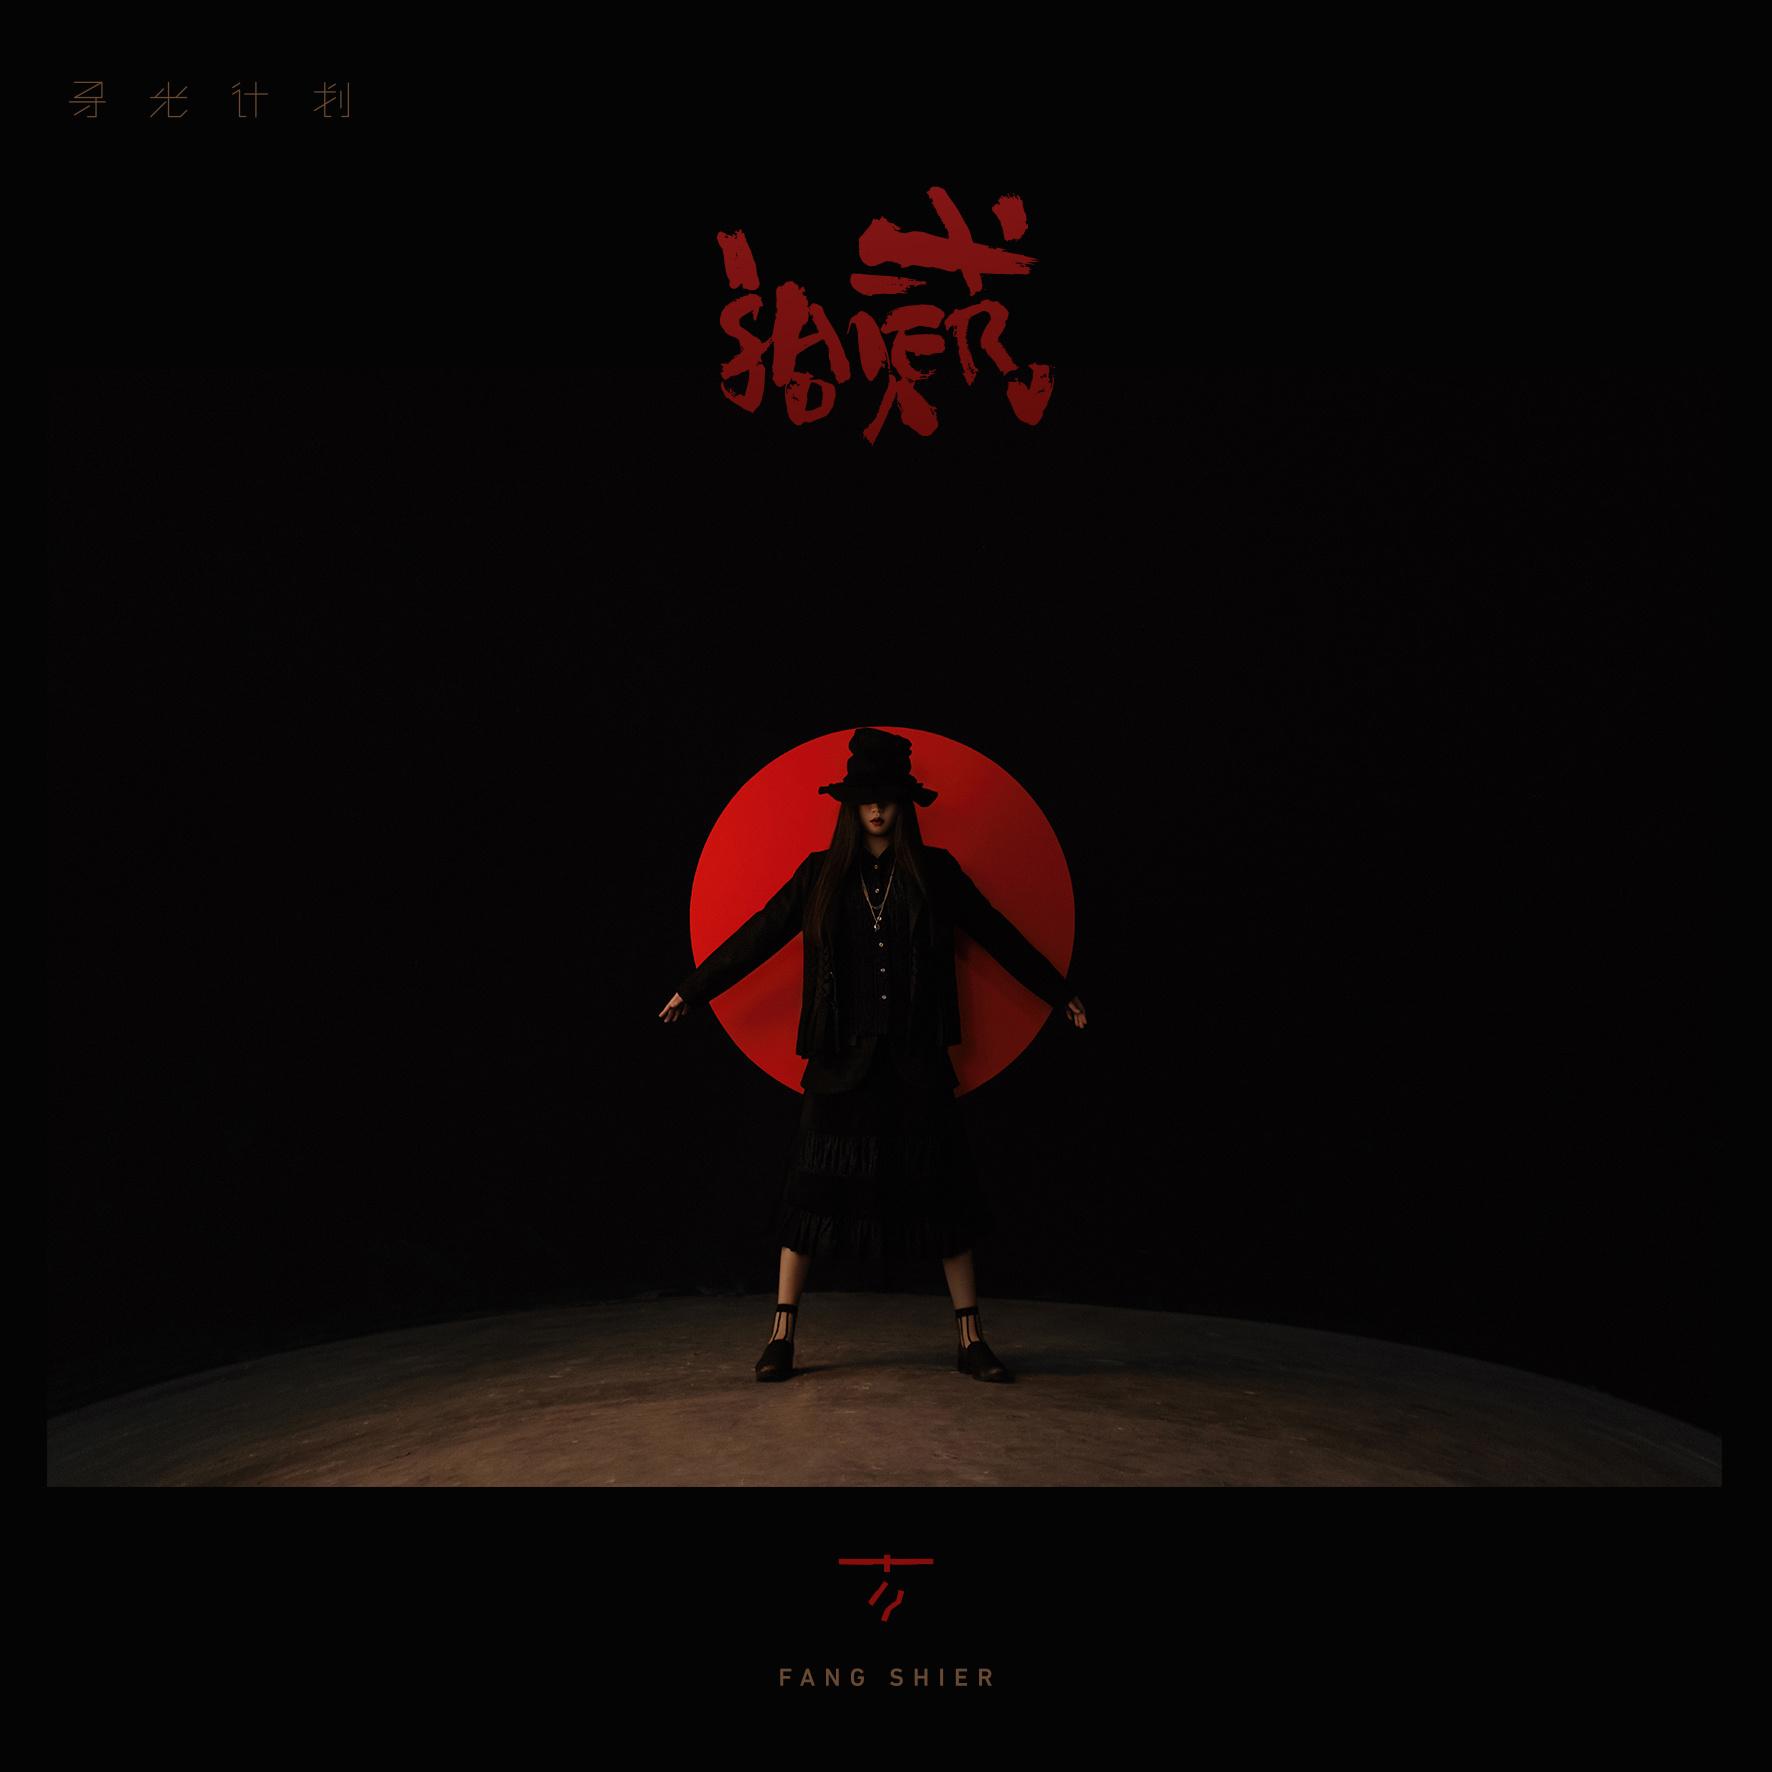 方拾贰 (Fang Shier) – 拾贰 (SHIER) (2018) [FLAC 24bit/48kHz]